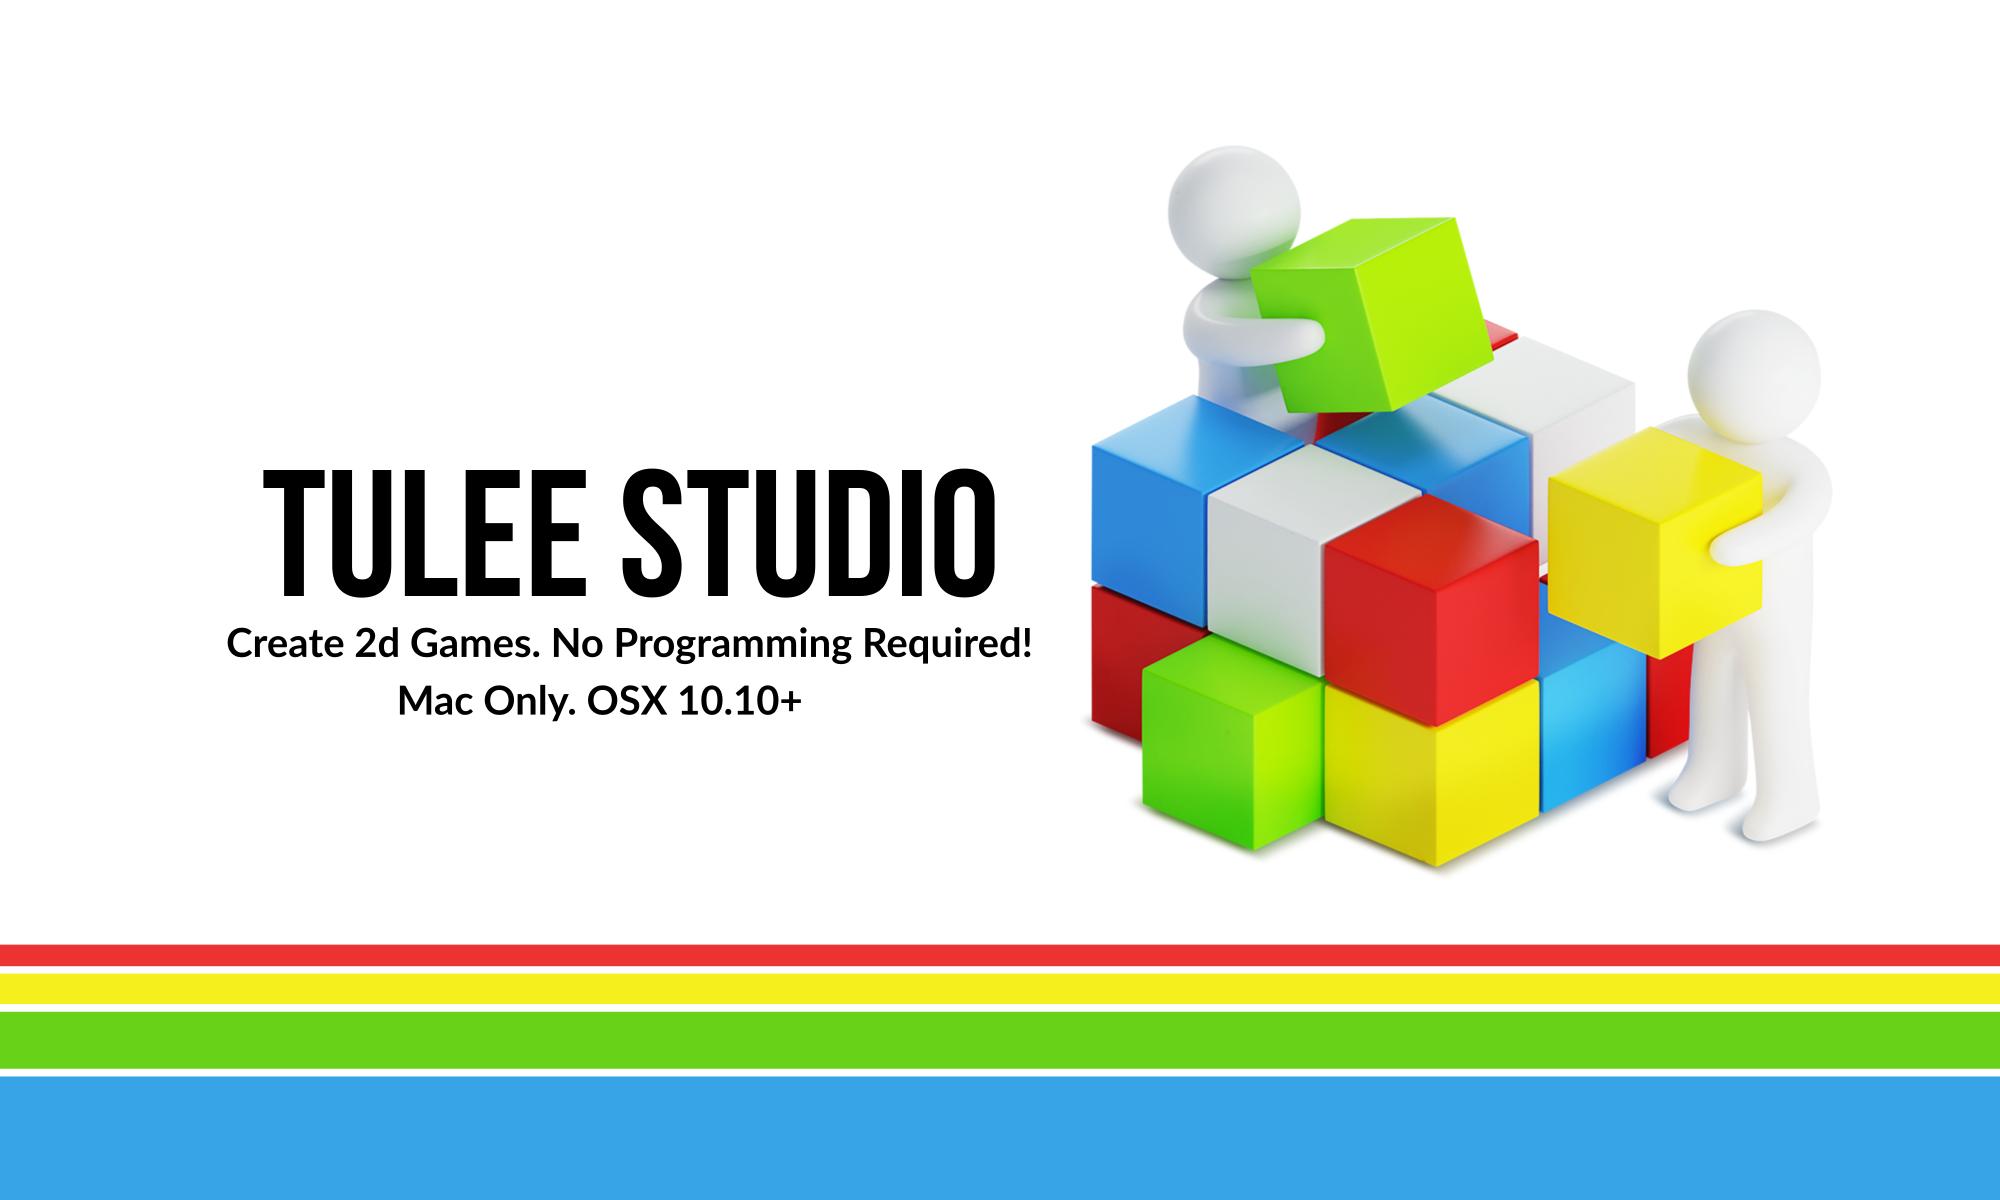 Tulee Studio